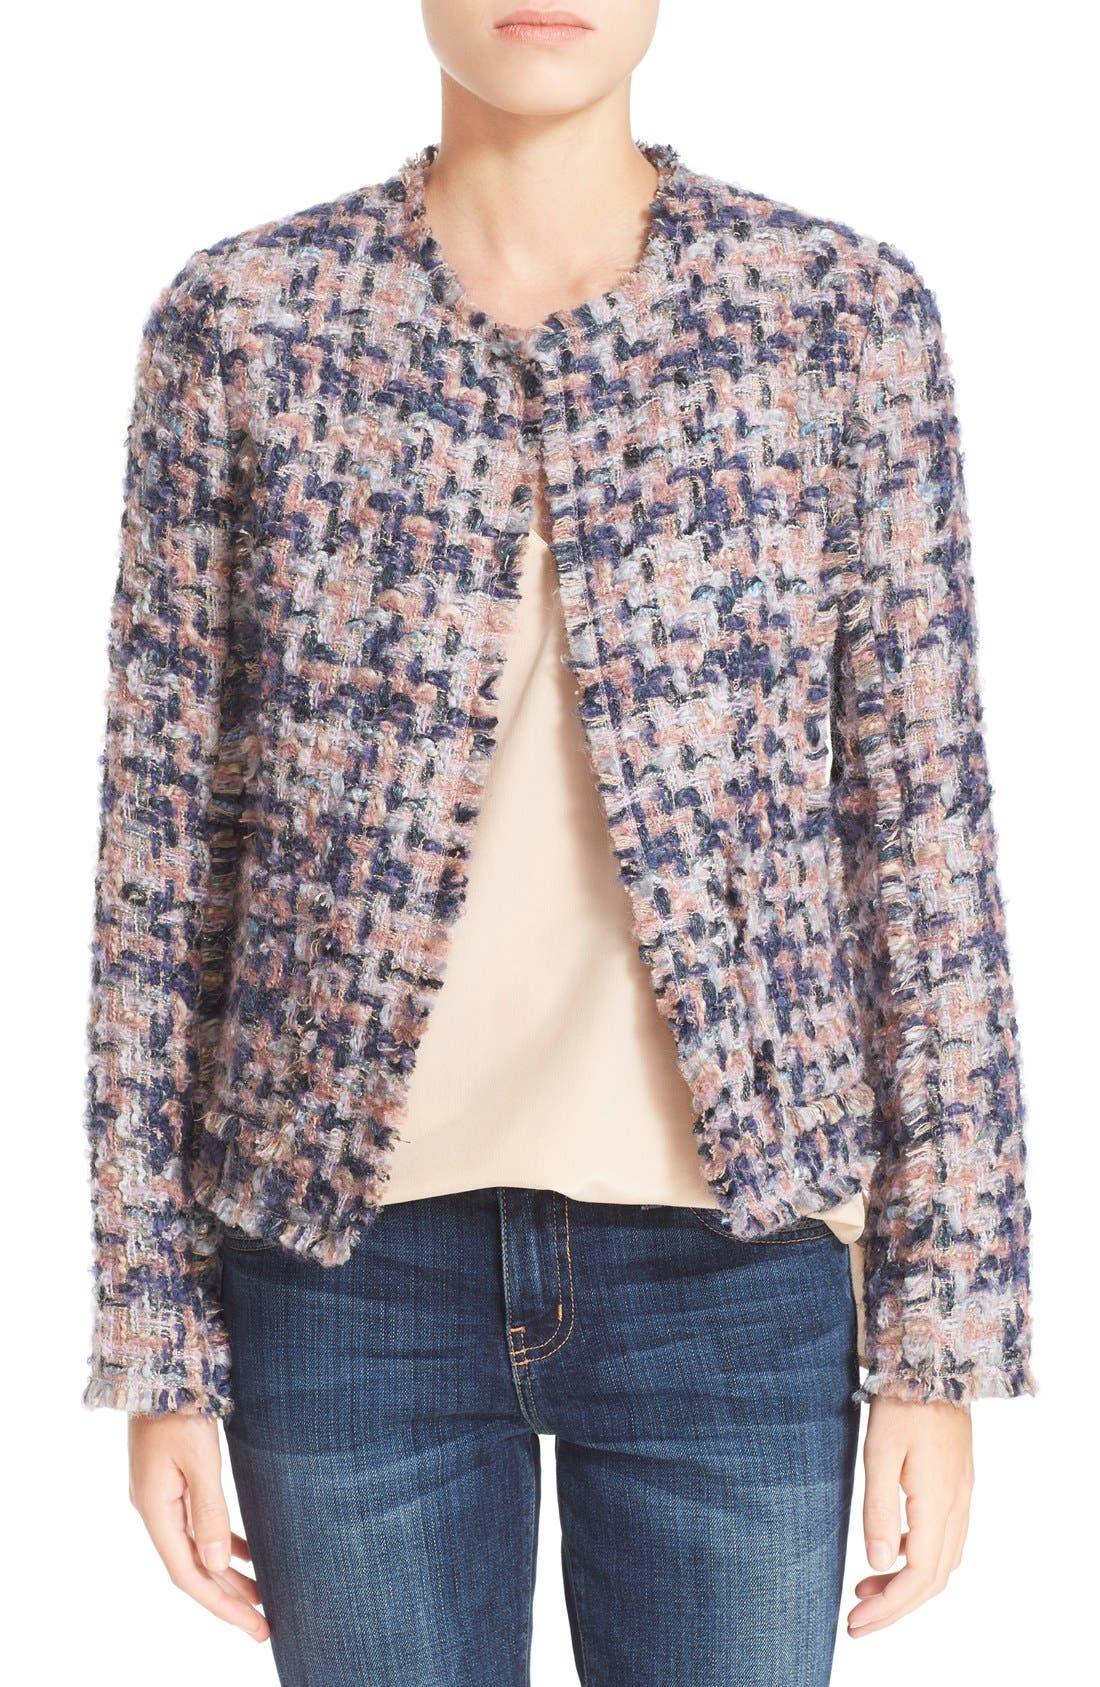 TRUTH & PRIDE Tweed Jacket